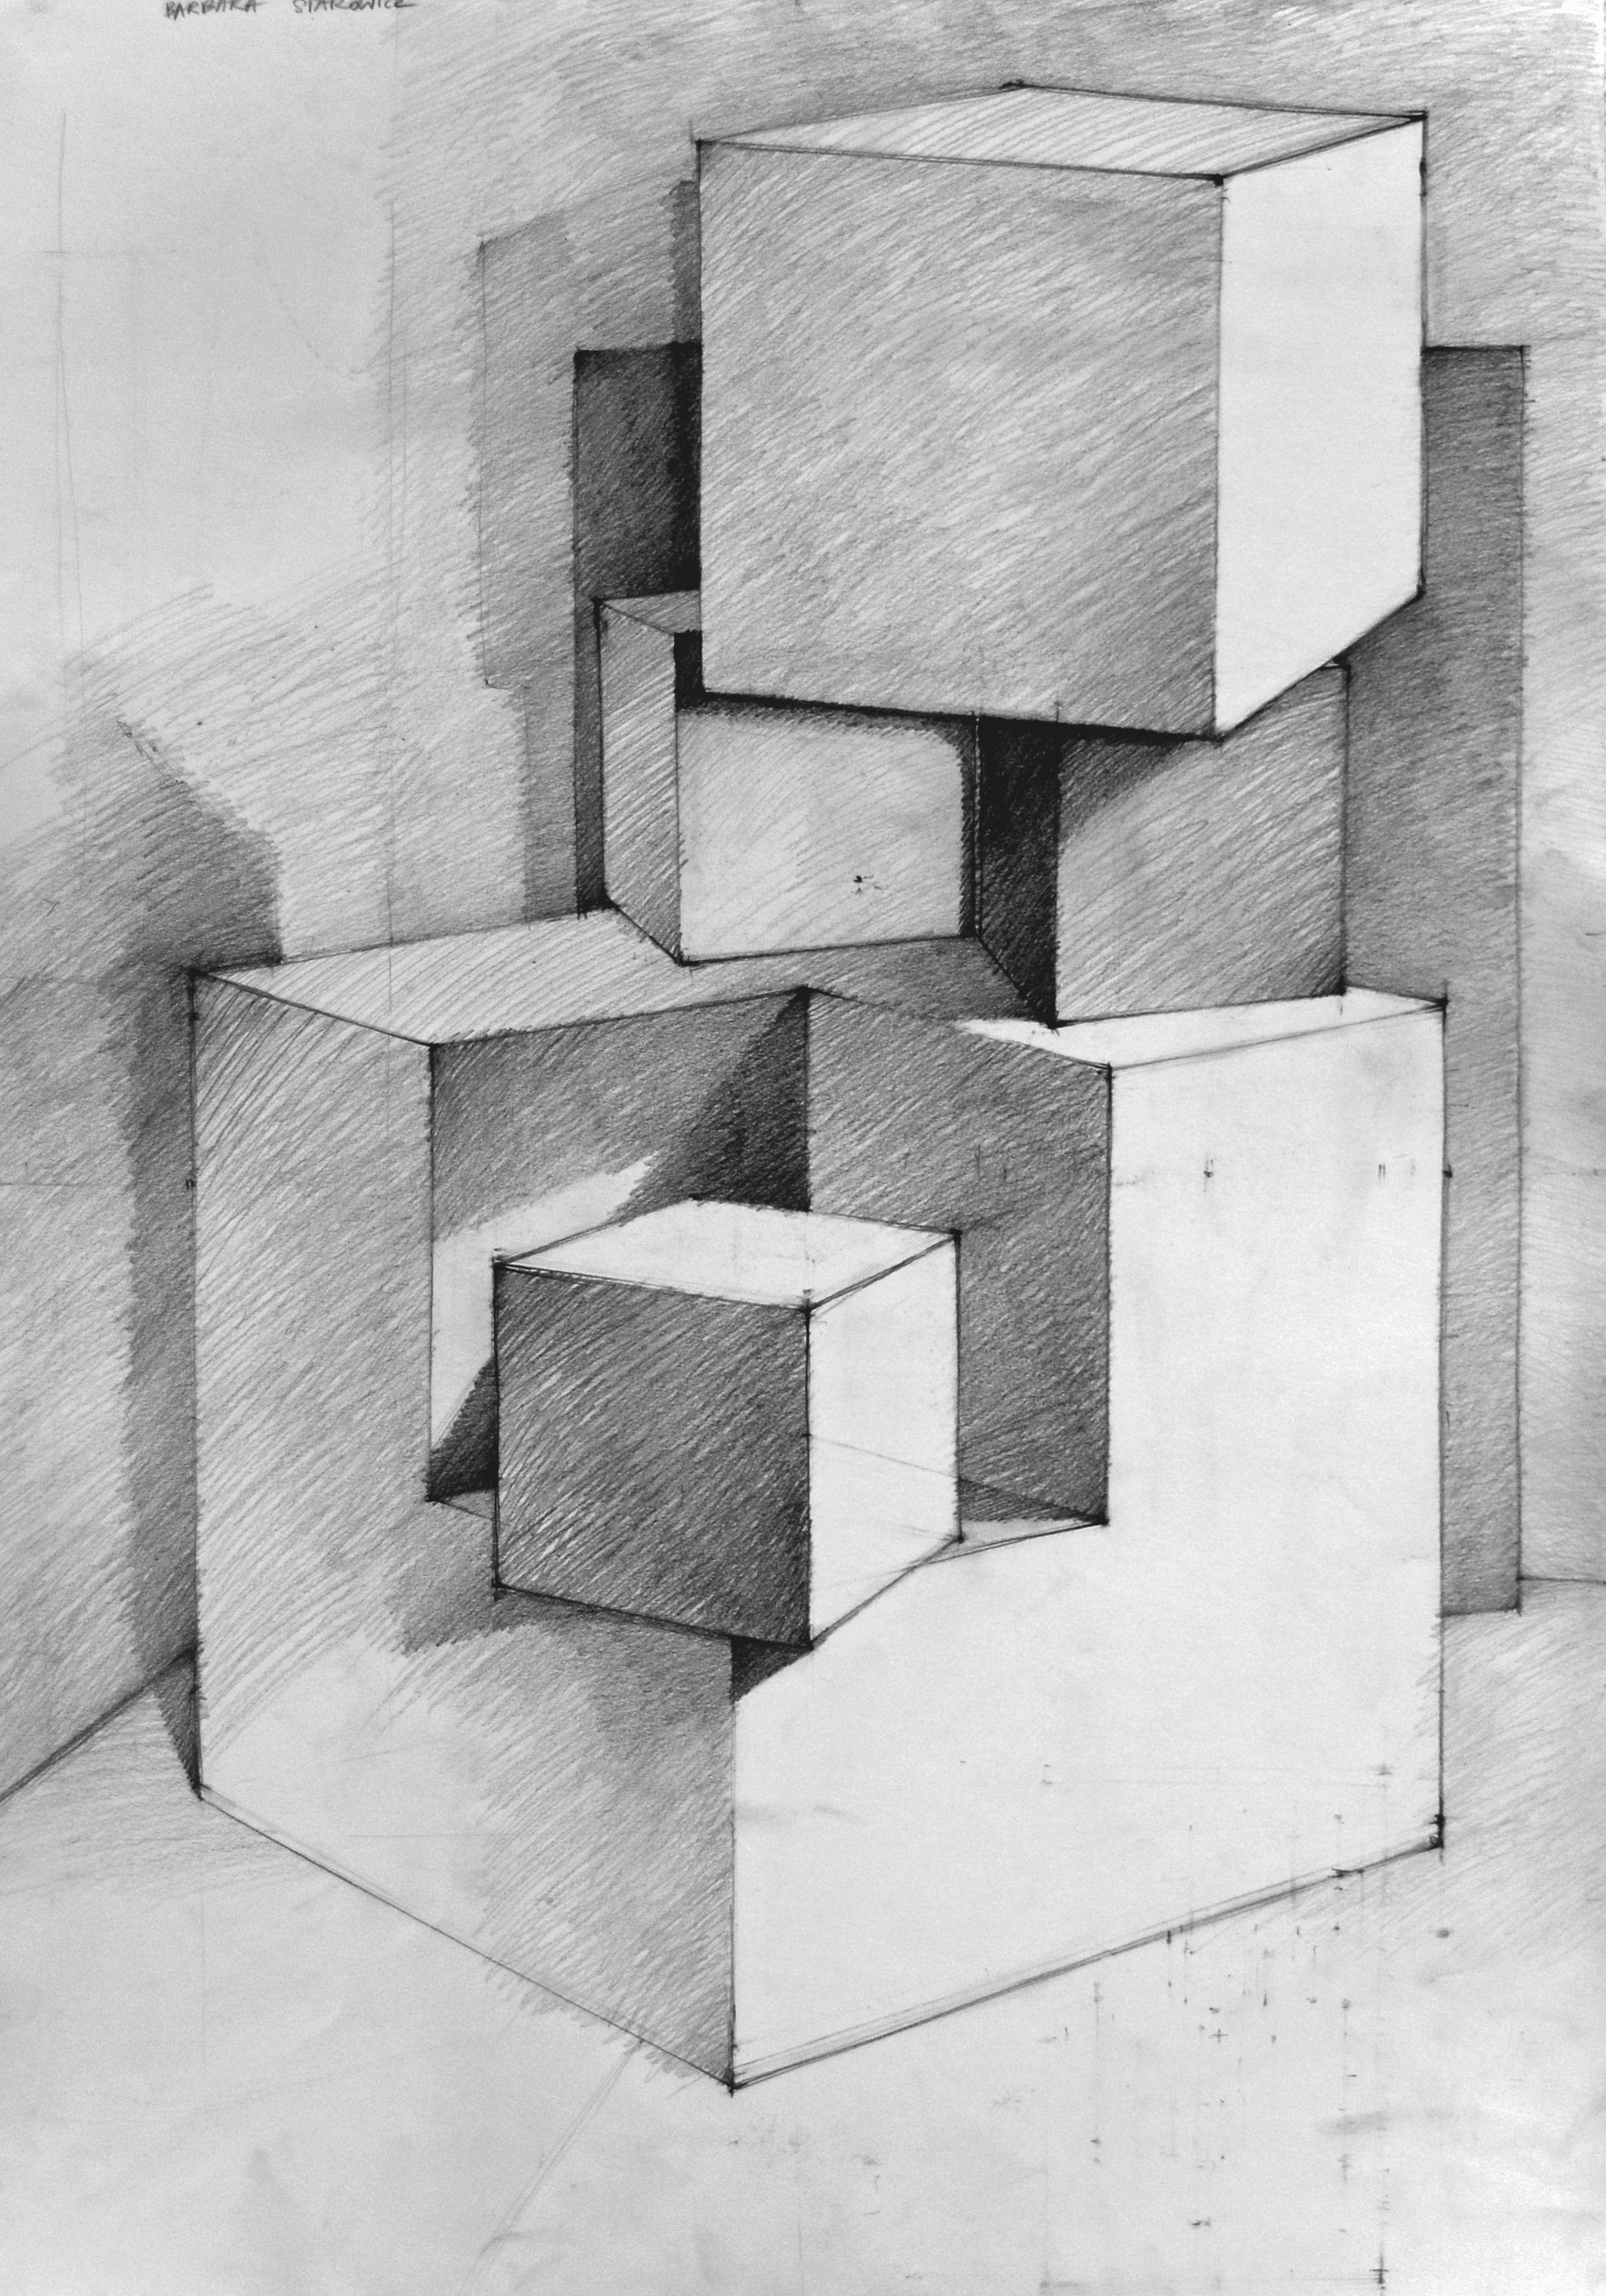 лучших традициях геометрическая перспектива картинки даже неуловимые